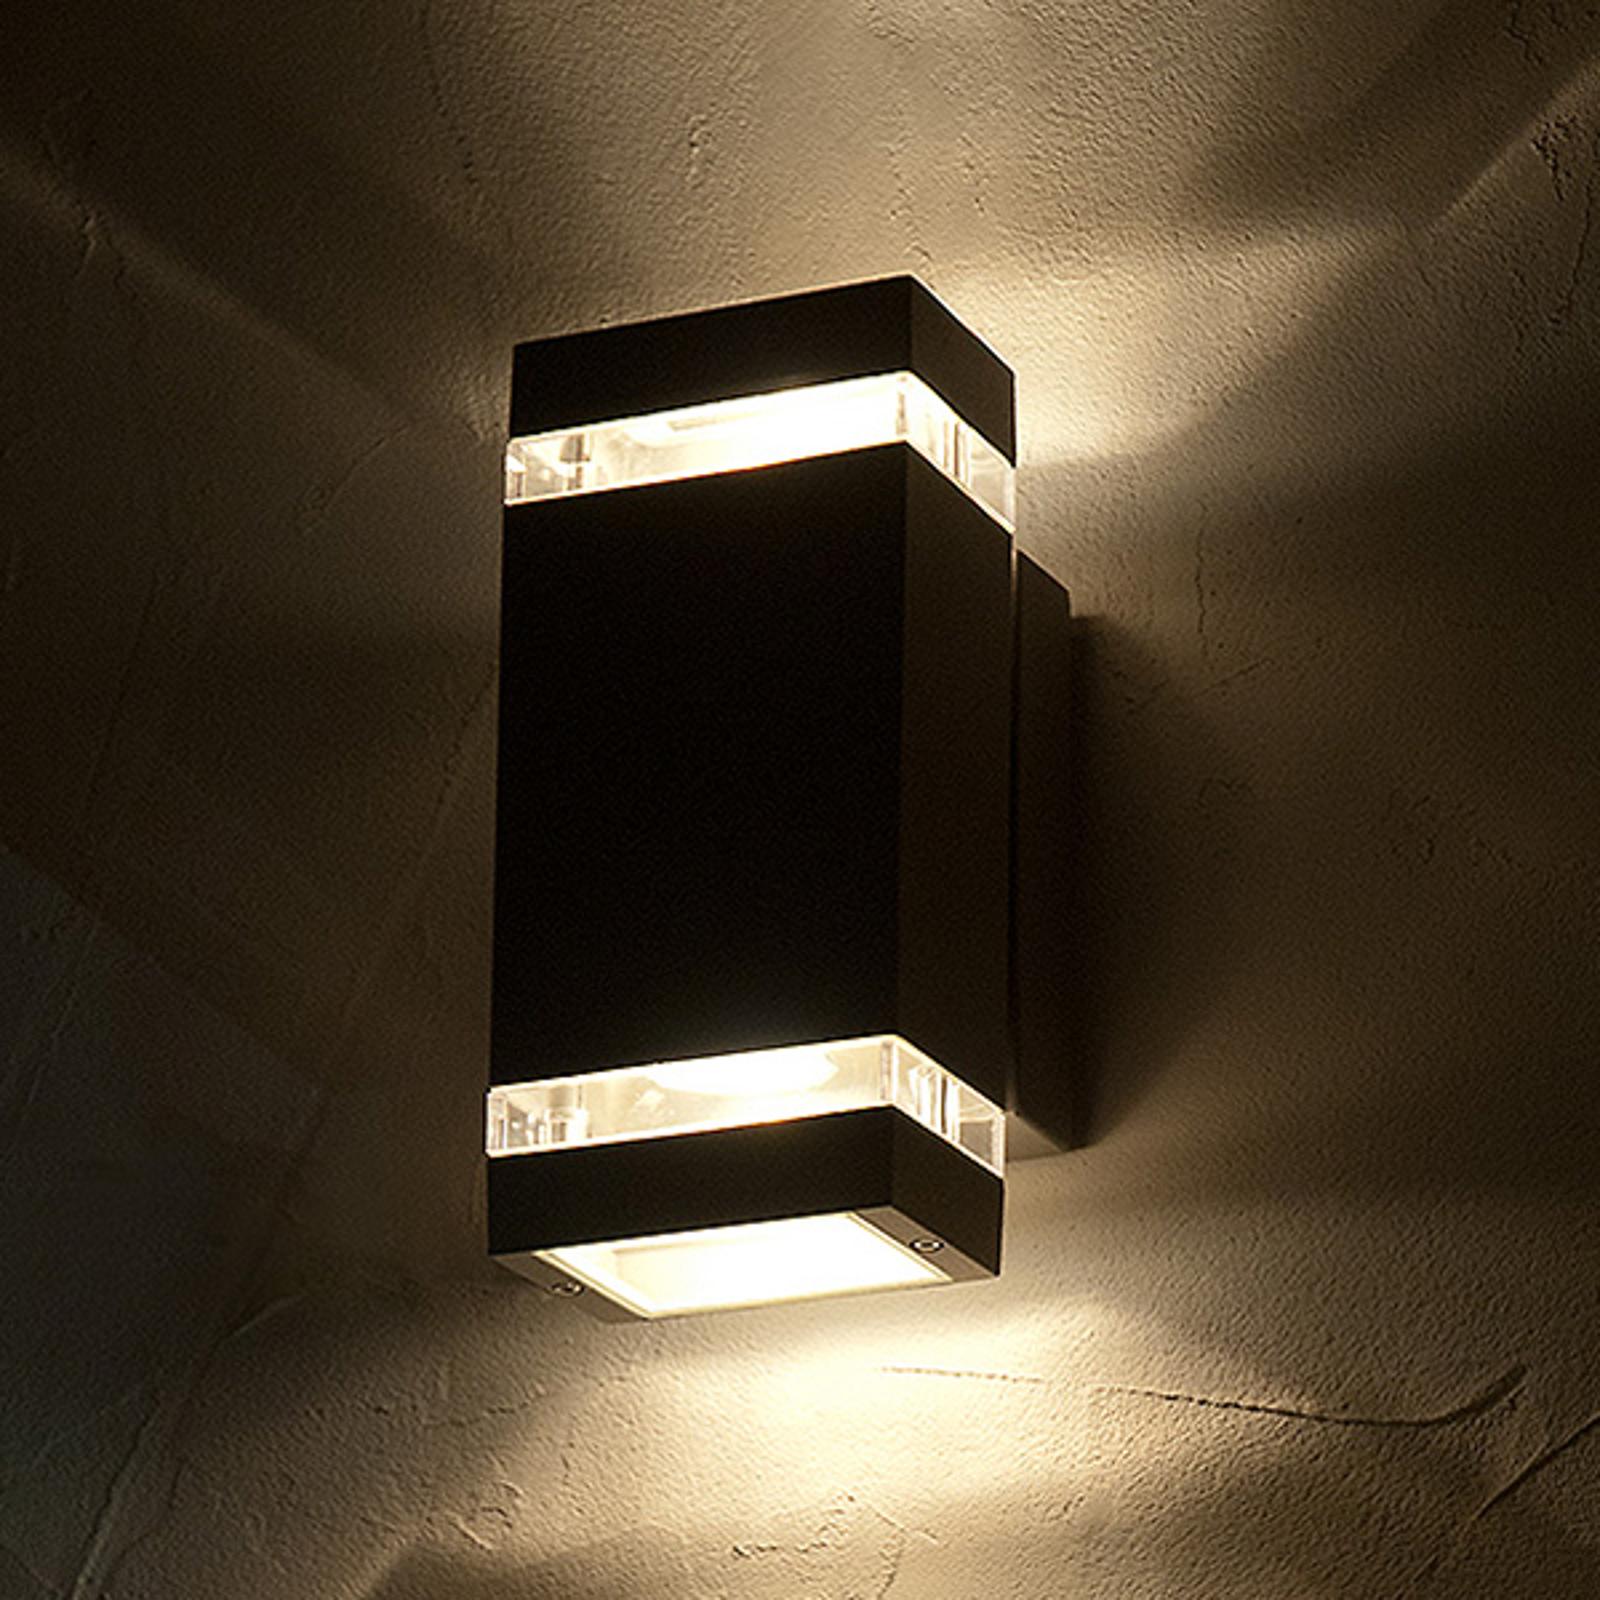 Venkovní nástěnné LED svítidlo Focus, hranaté, 2x